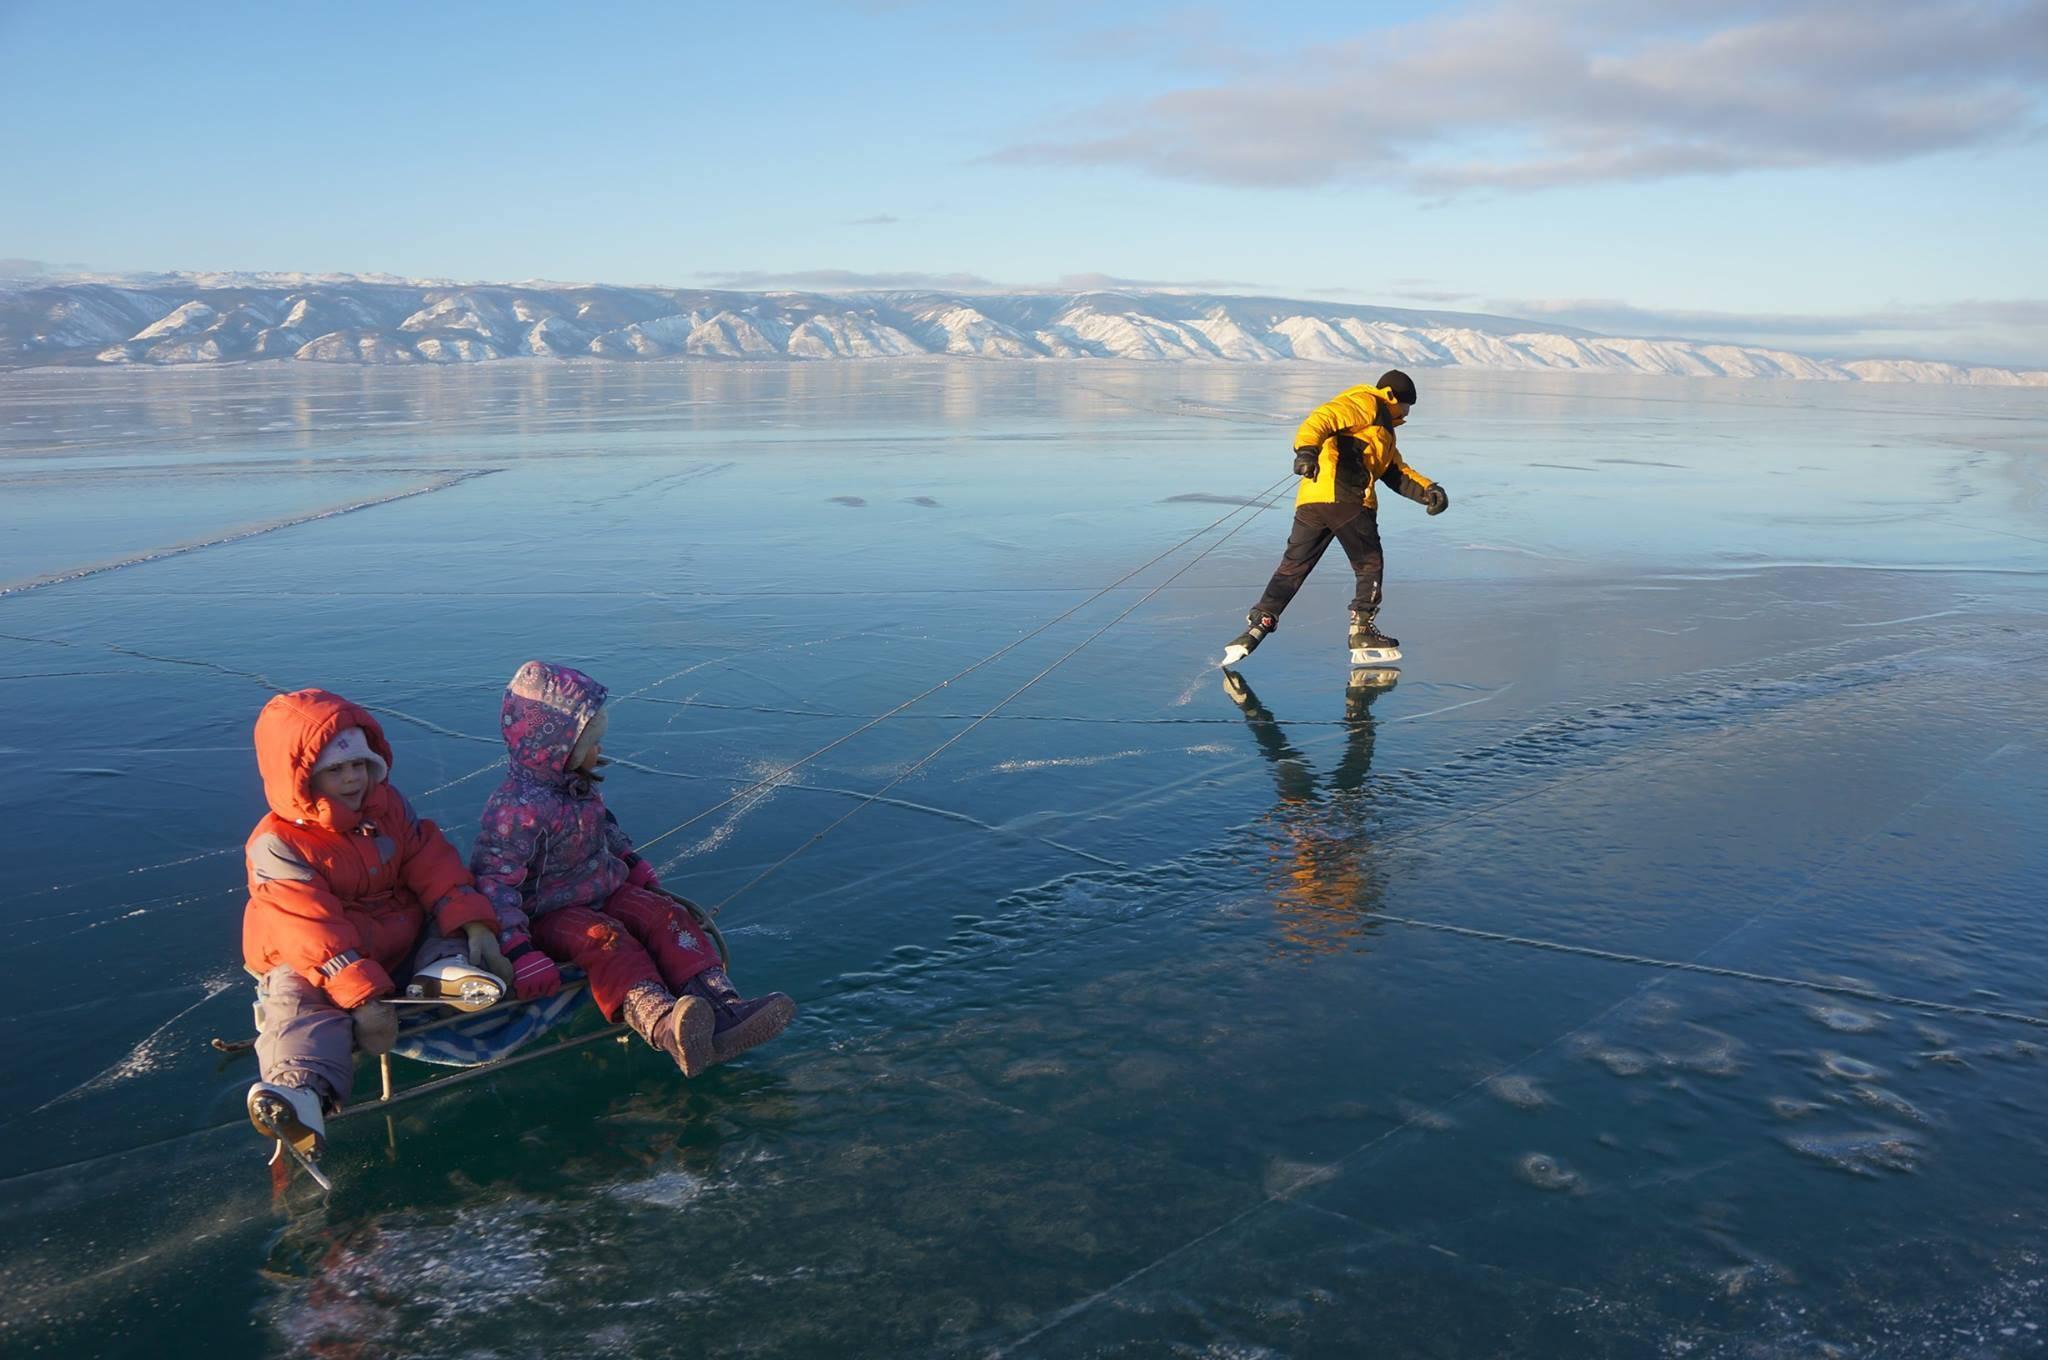 Листвянка зимой. прогулки, отдых и развлечения в январе, феврале и марте